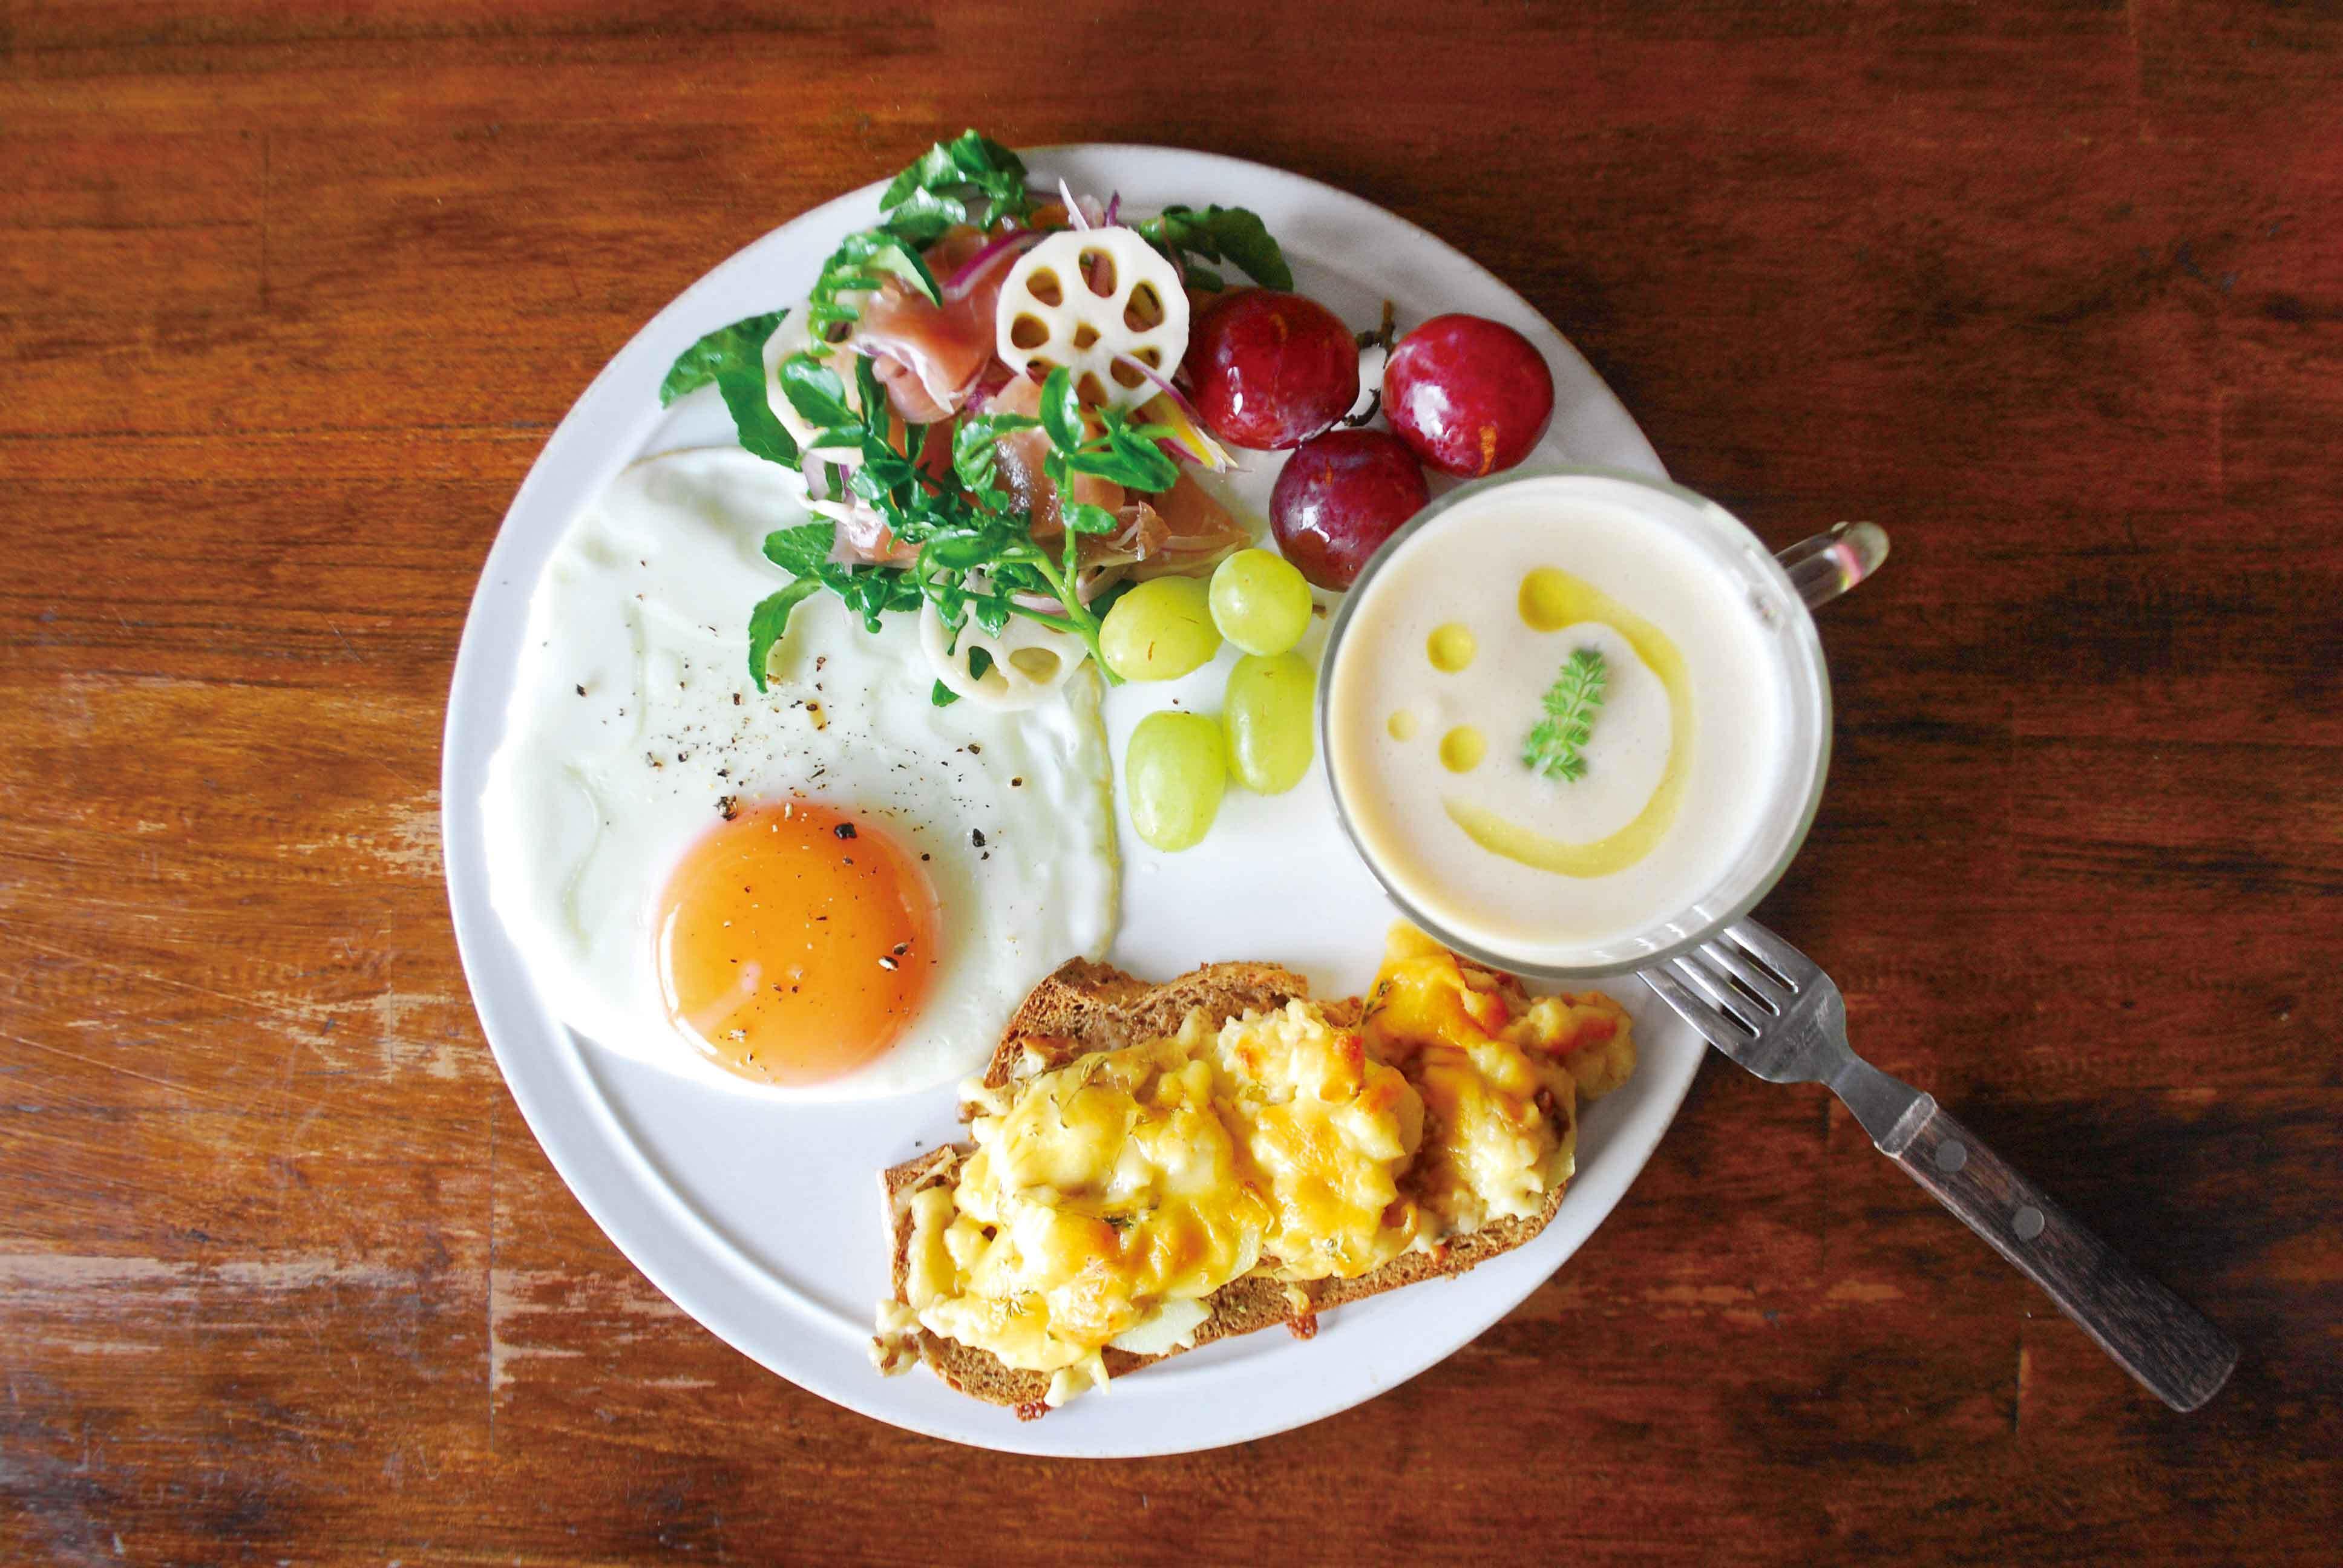 想要呵護胃部健康? 專家建議:做好4件事,保護腸胃,胃會感謝你